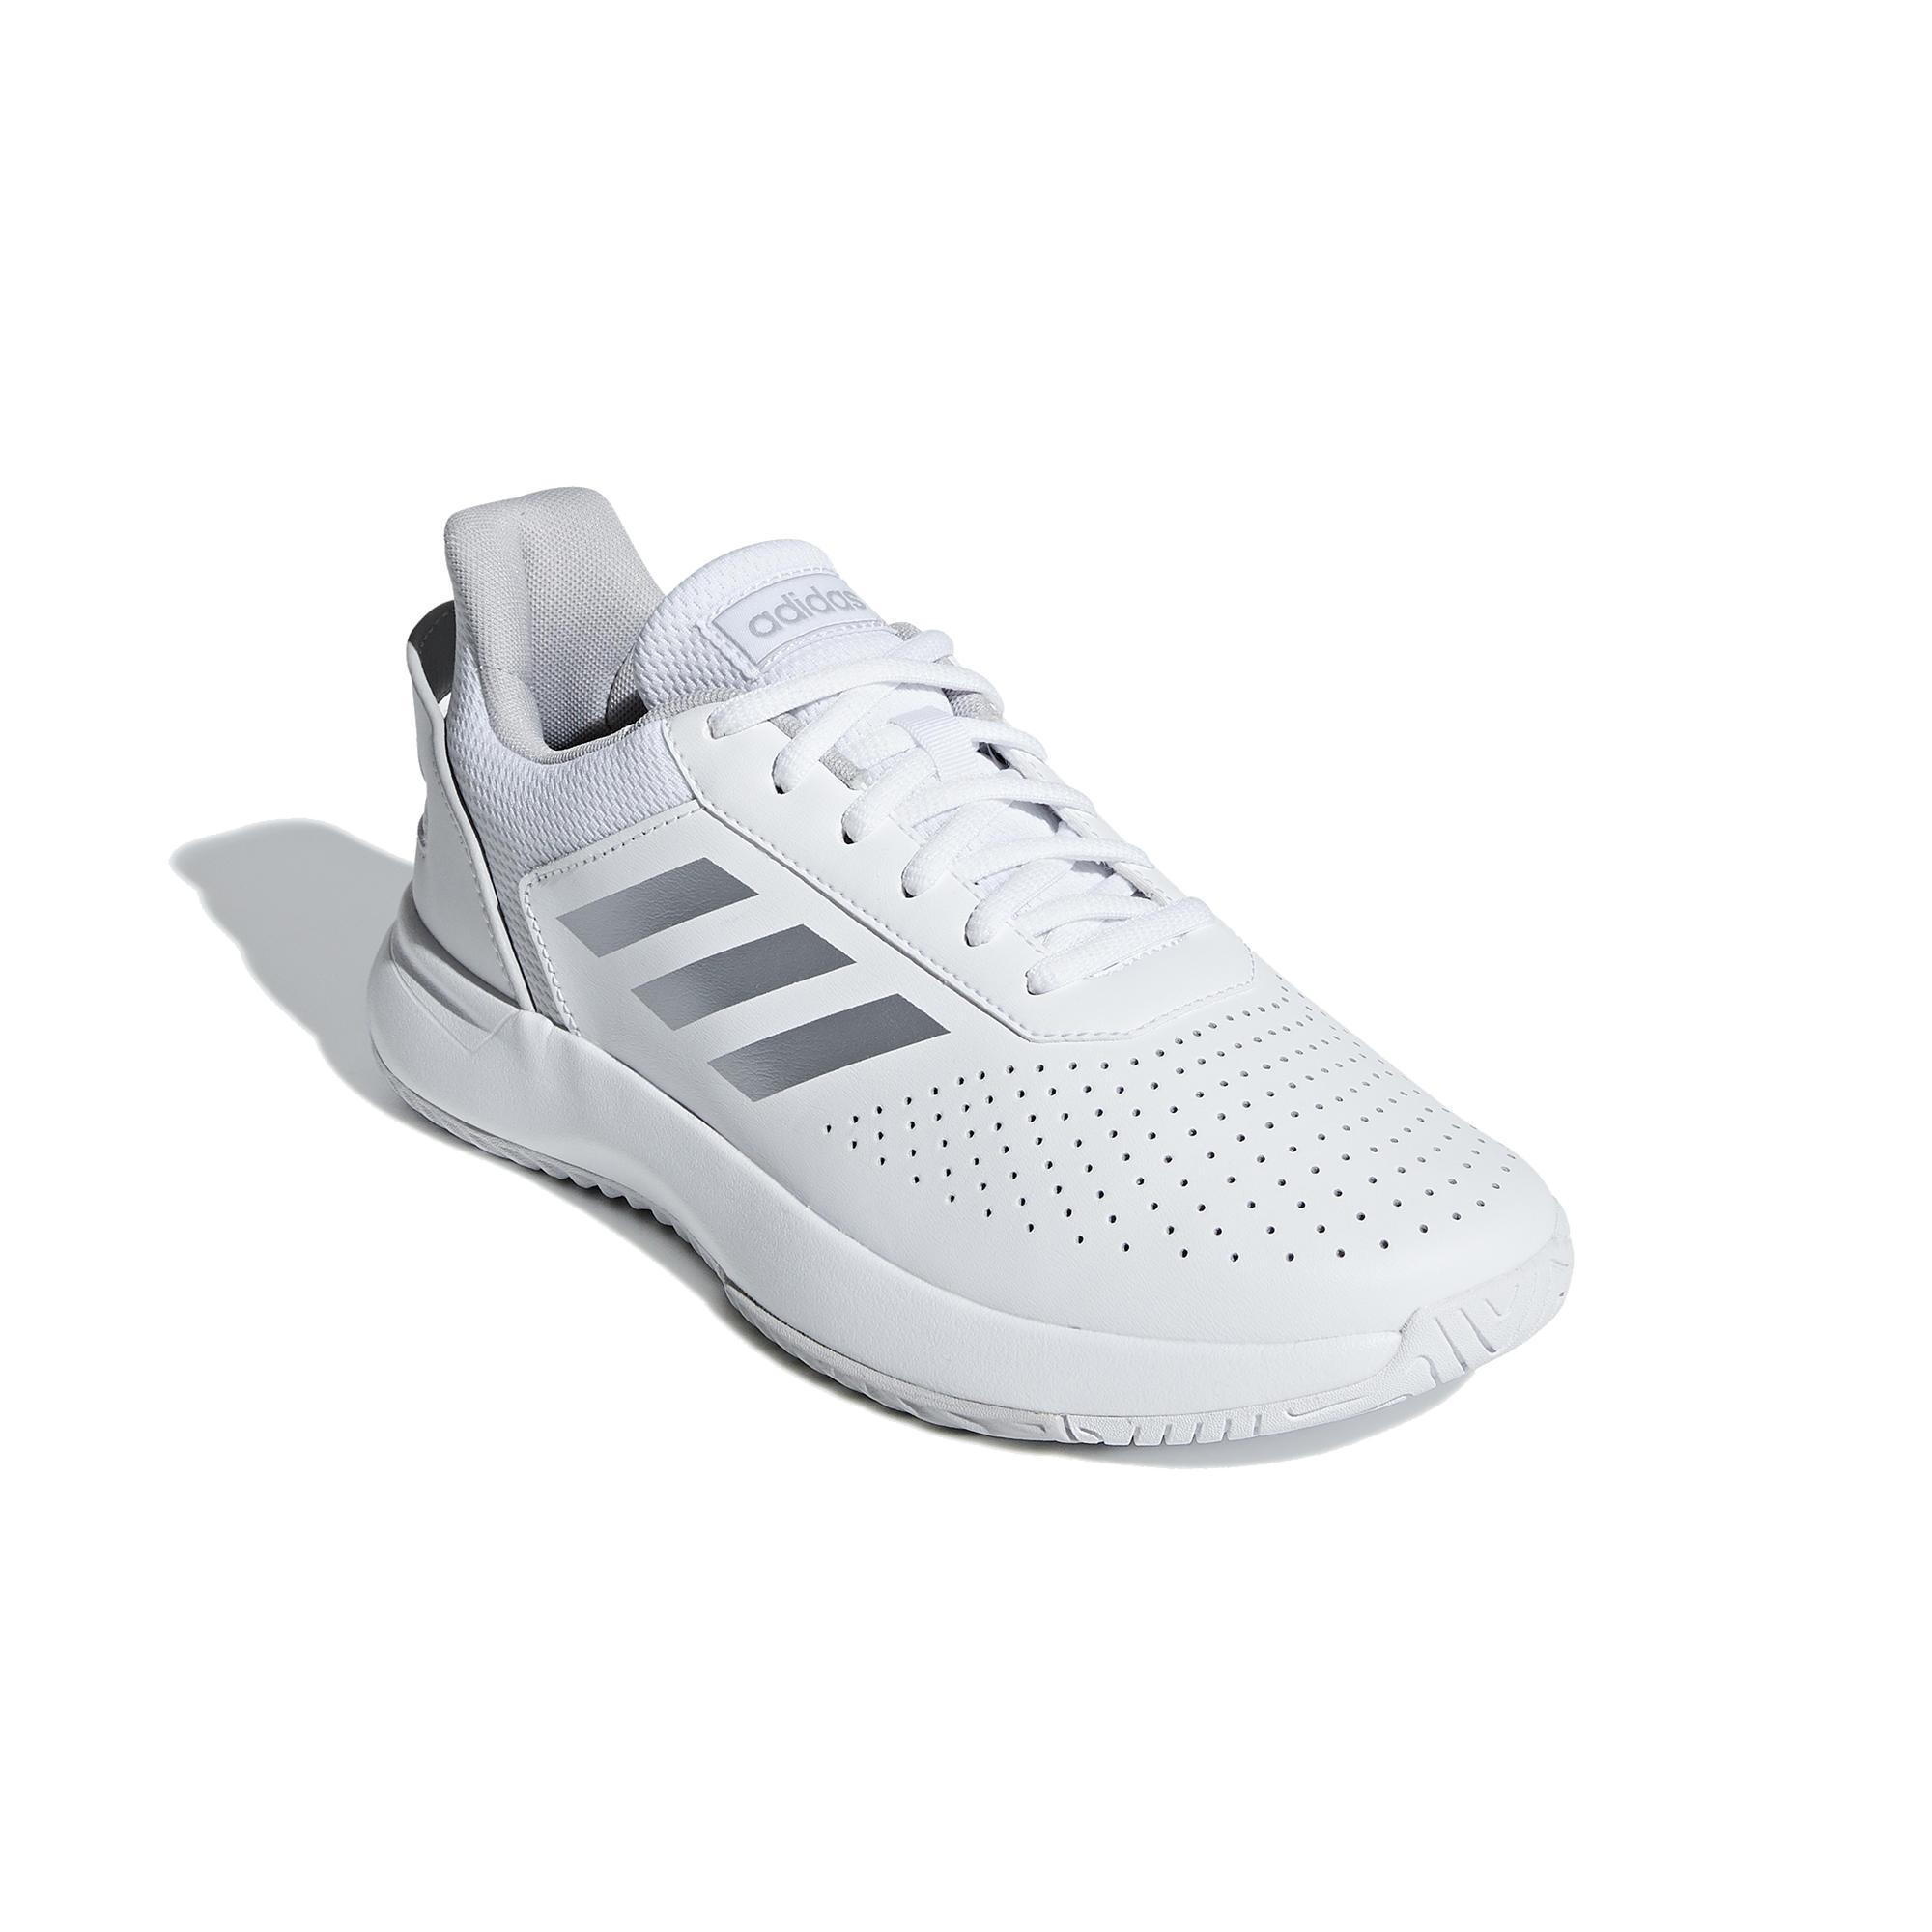 Tennisschuhe Courtsmash Damen weiß | Schuhe > Sportschuhe > Tennisschuhe | Adidas